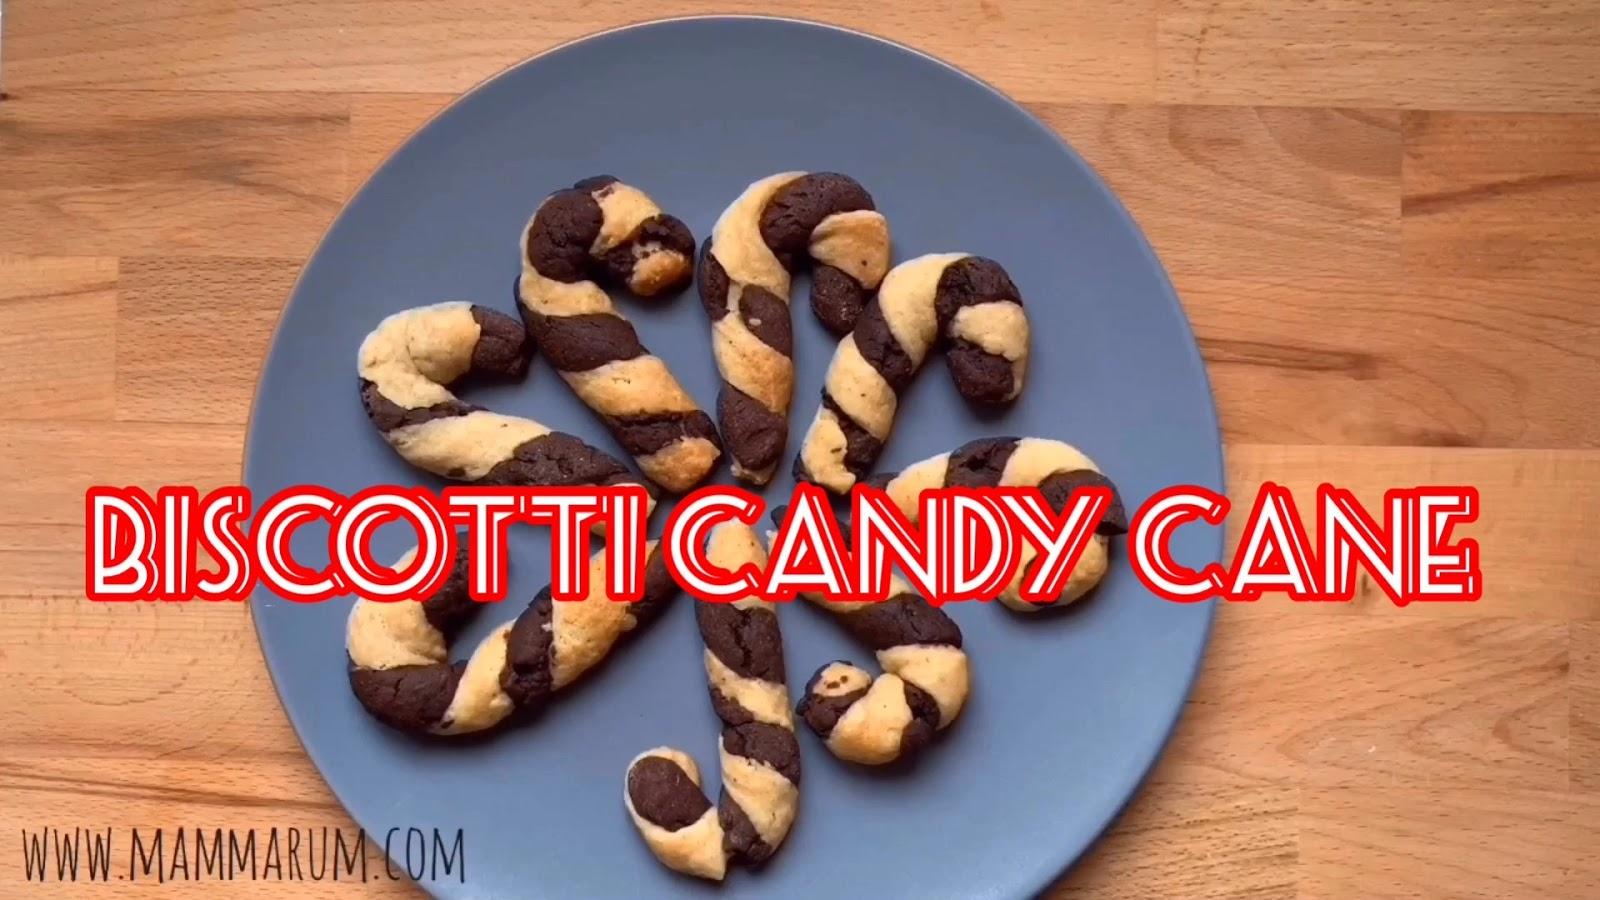 Giorno 14: Biscotti Candy Cane